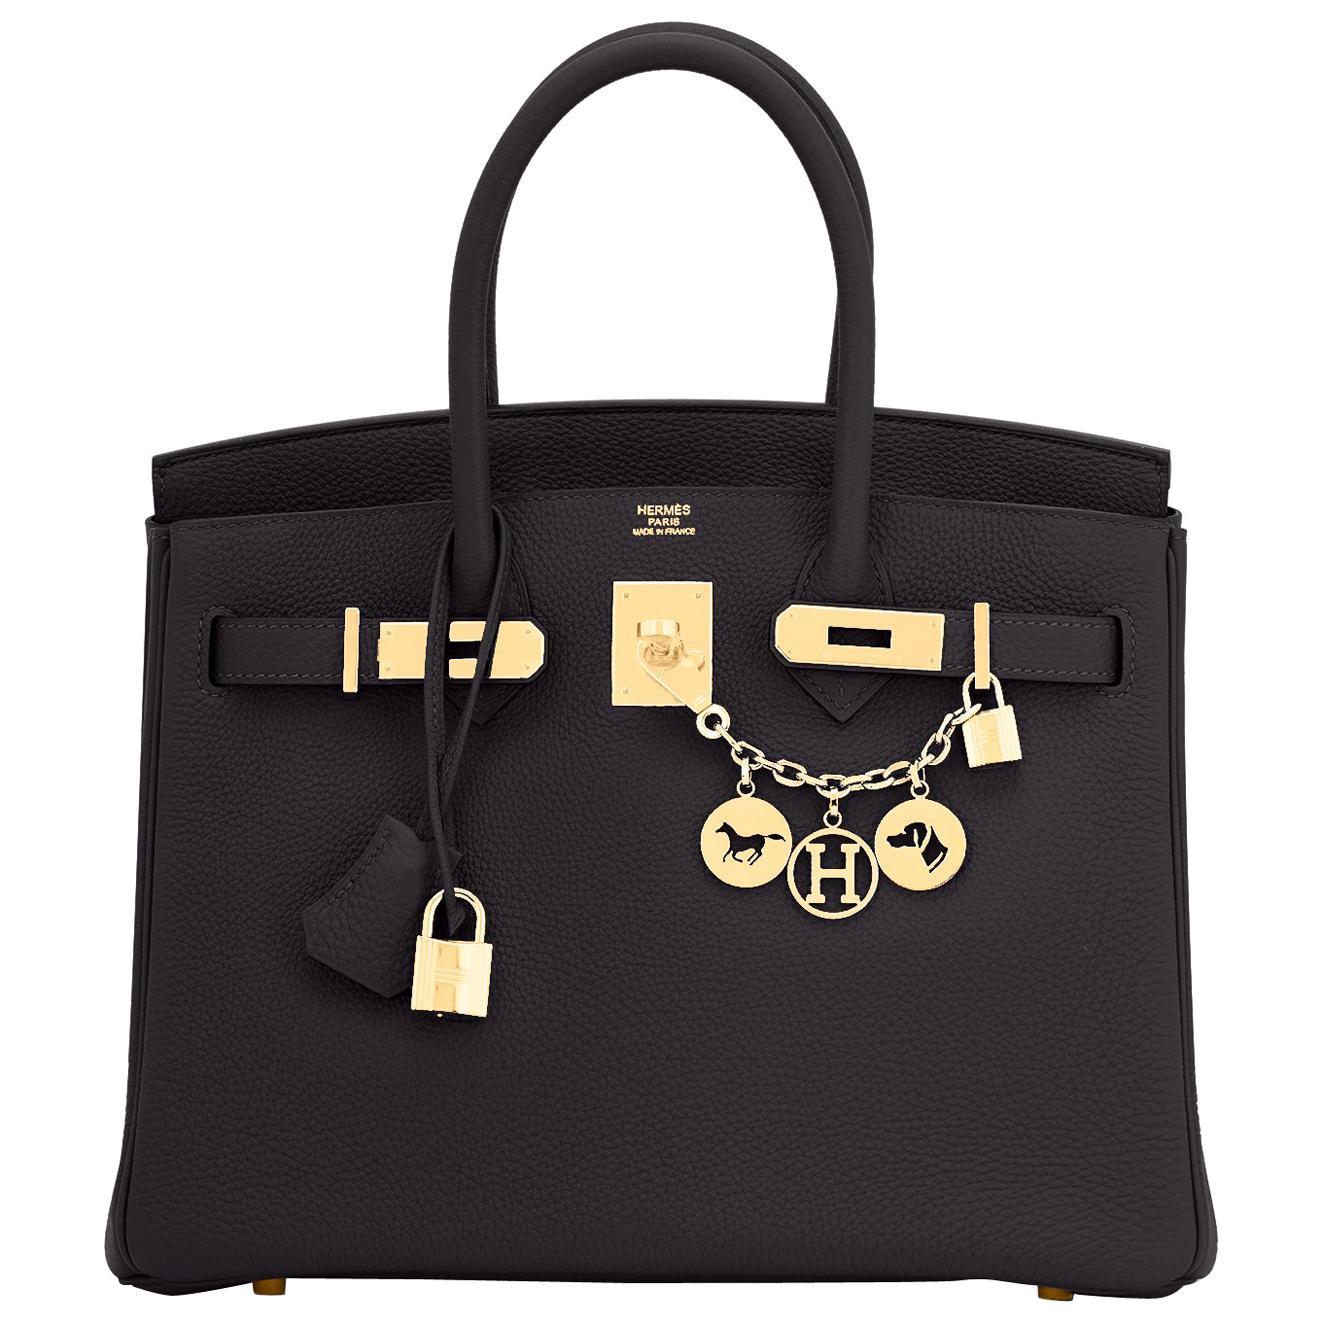 Hermes Birkin 30cm Black Togo Gold Hardware Bag Y Stamp, 2020